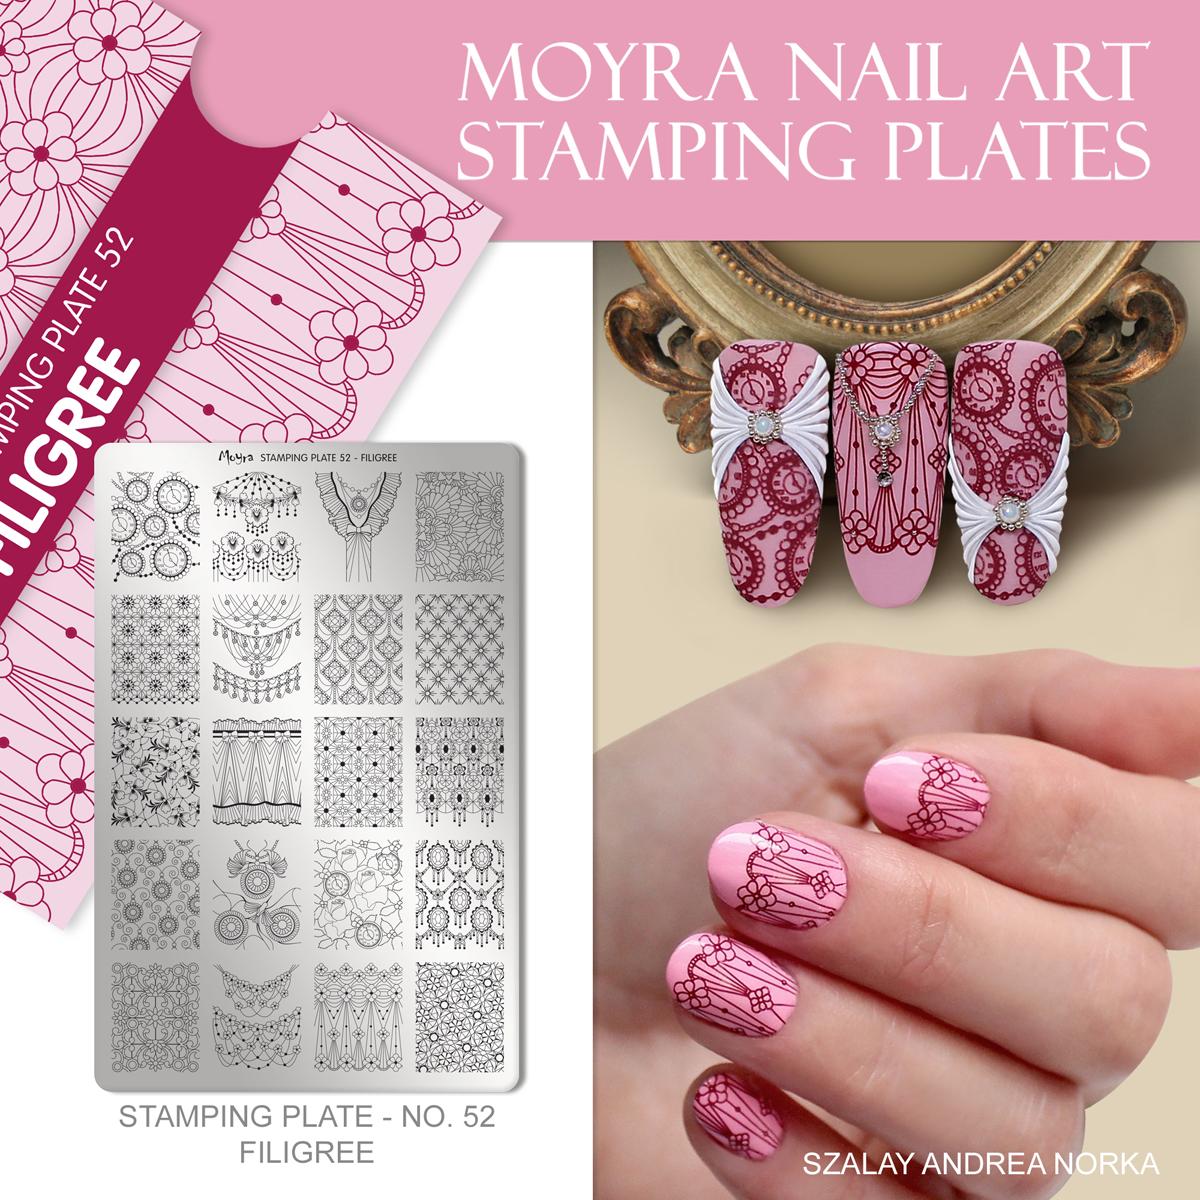 Moyra Nail Art Stamping Plate No. 52 Filigree